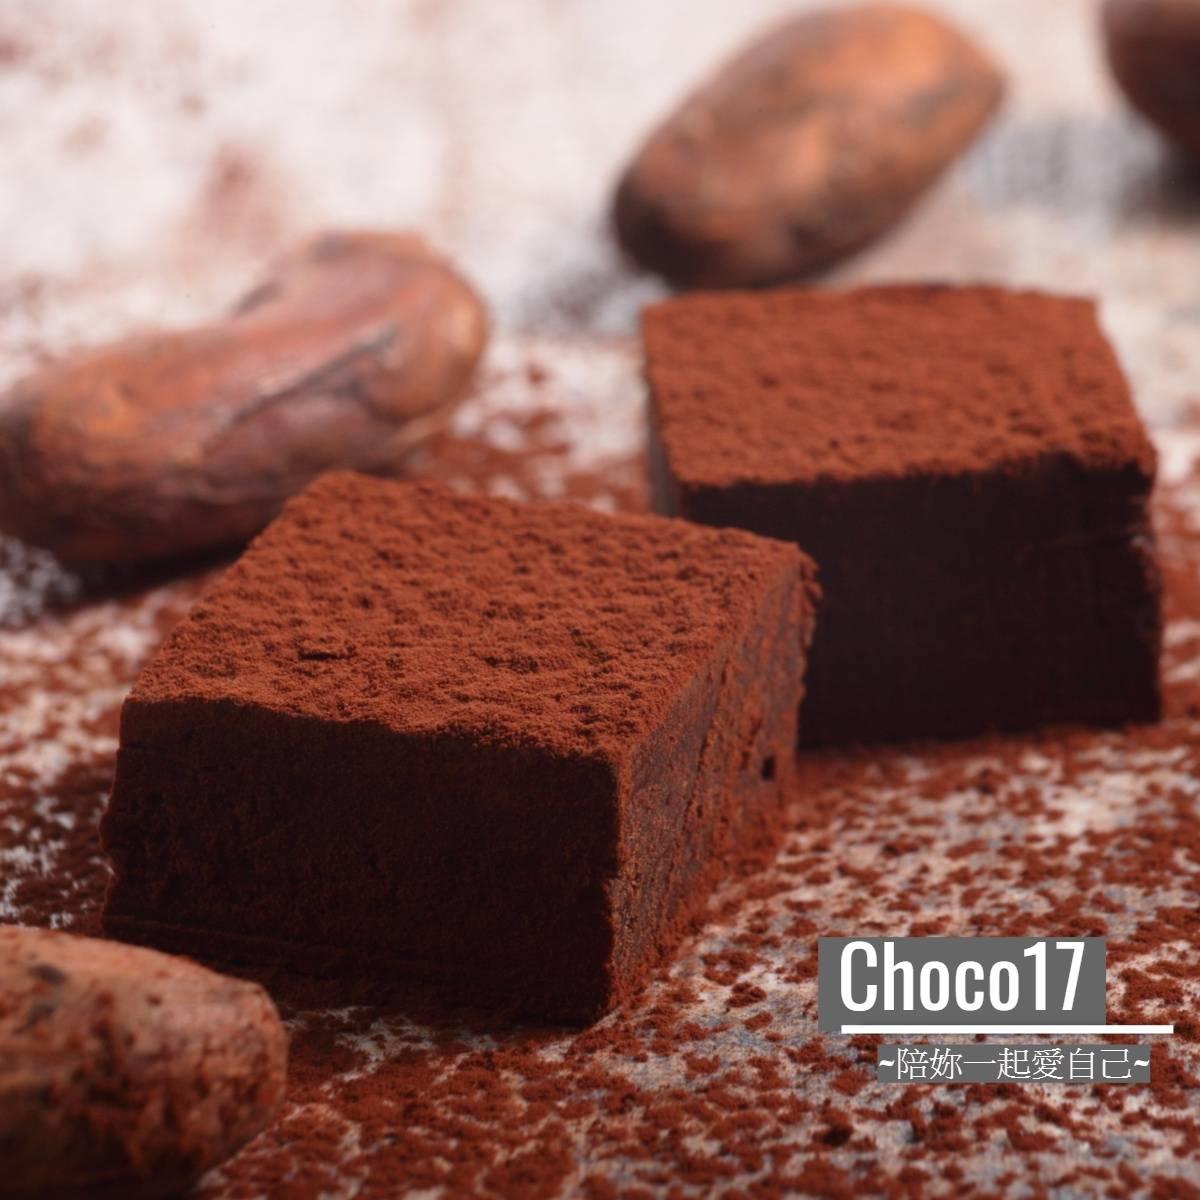 85%皇家經典生巧克力❤1分鐘狂賣4盒❤【Choco17 香謝17巧克力】巧克力專賣  |  APP下單滿$1000現折$100 0